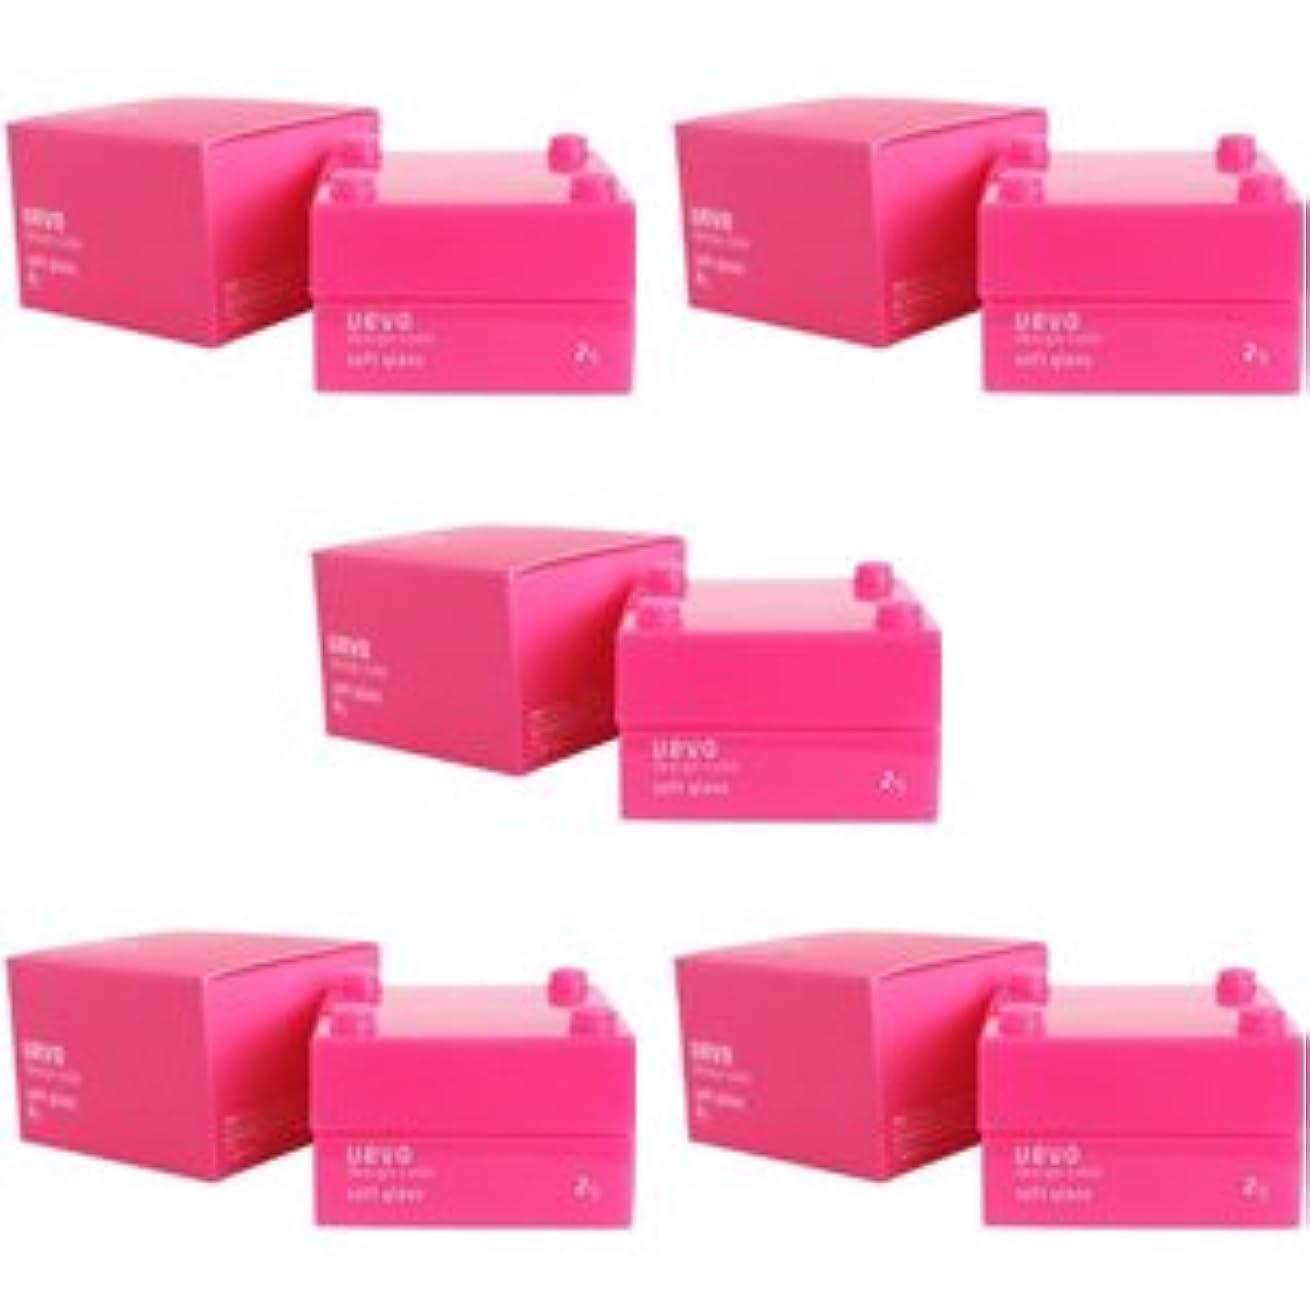 花に水をやるさわやか納屋【X5個セット】 デミ ウェーボ デザインキューブ ソフトグロス 30g soft gloss DEMI uevo design cube